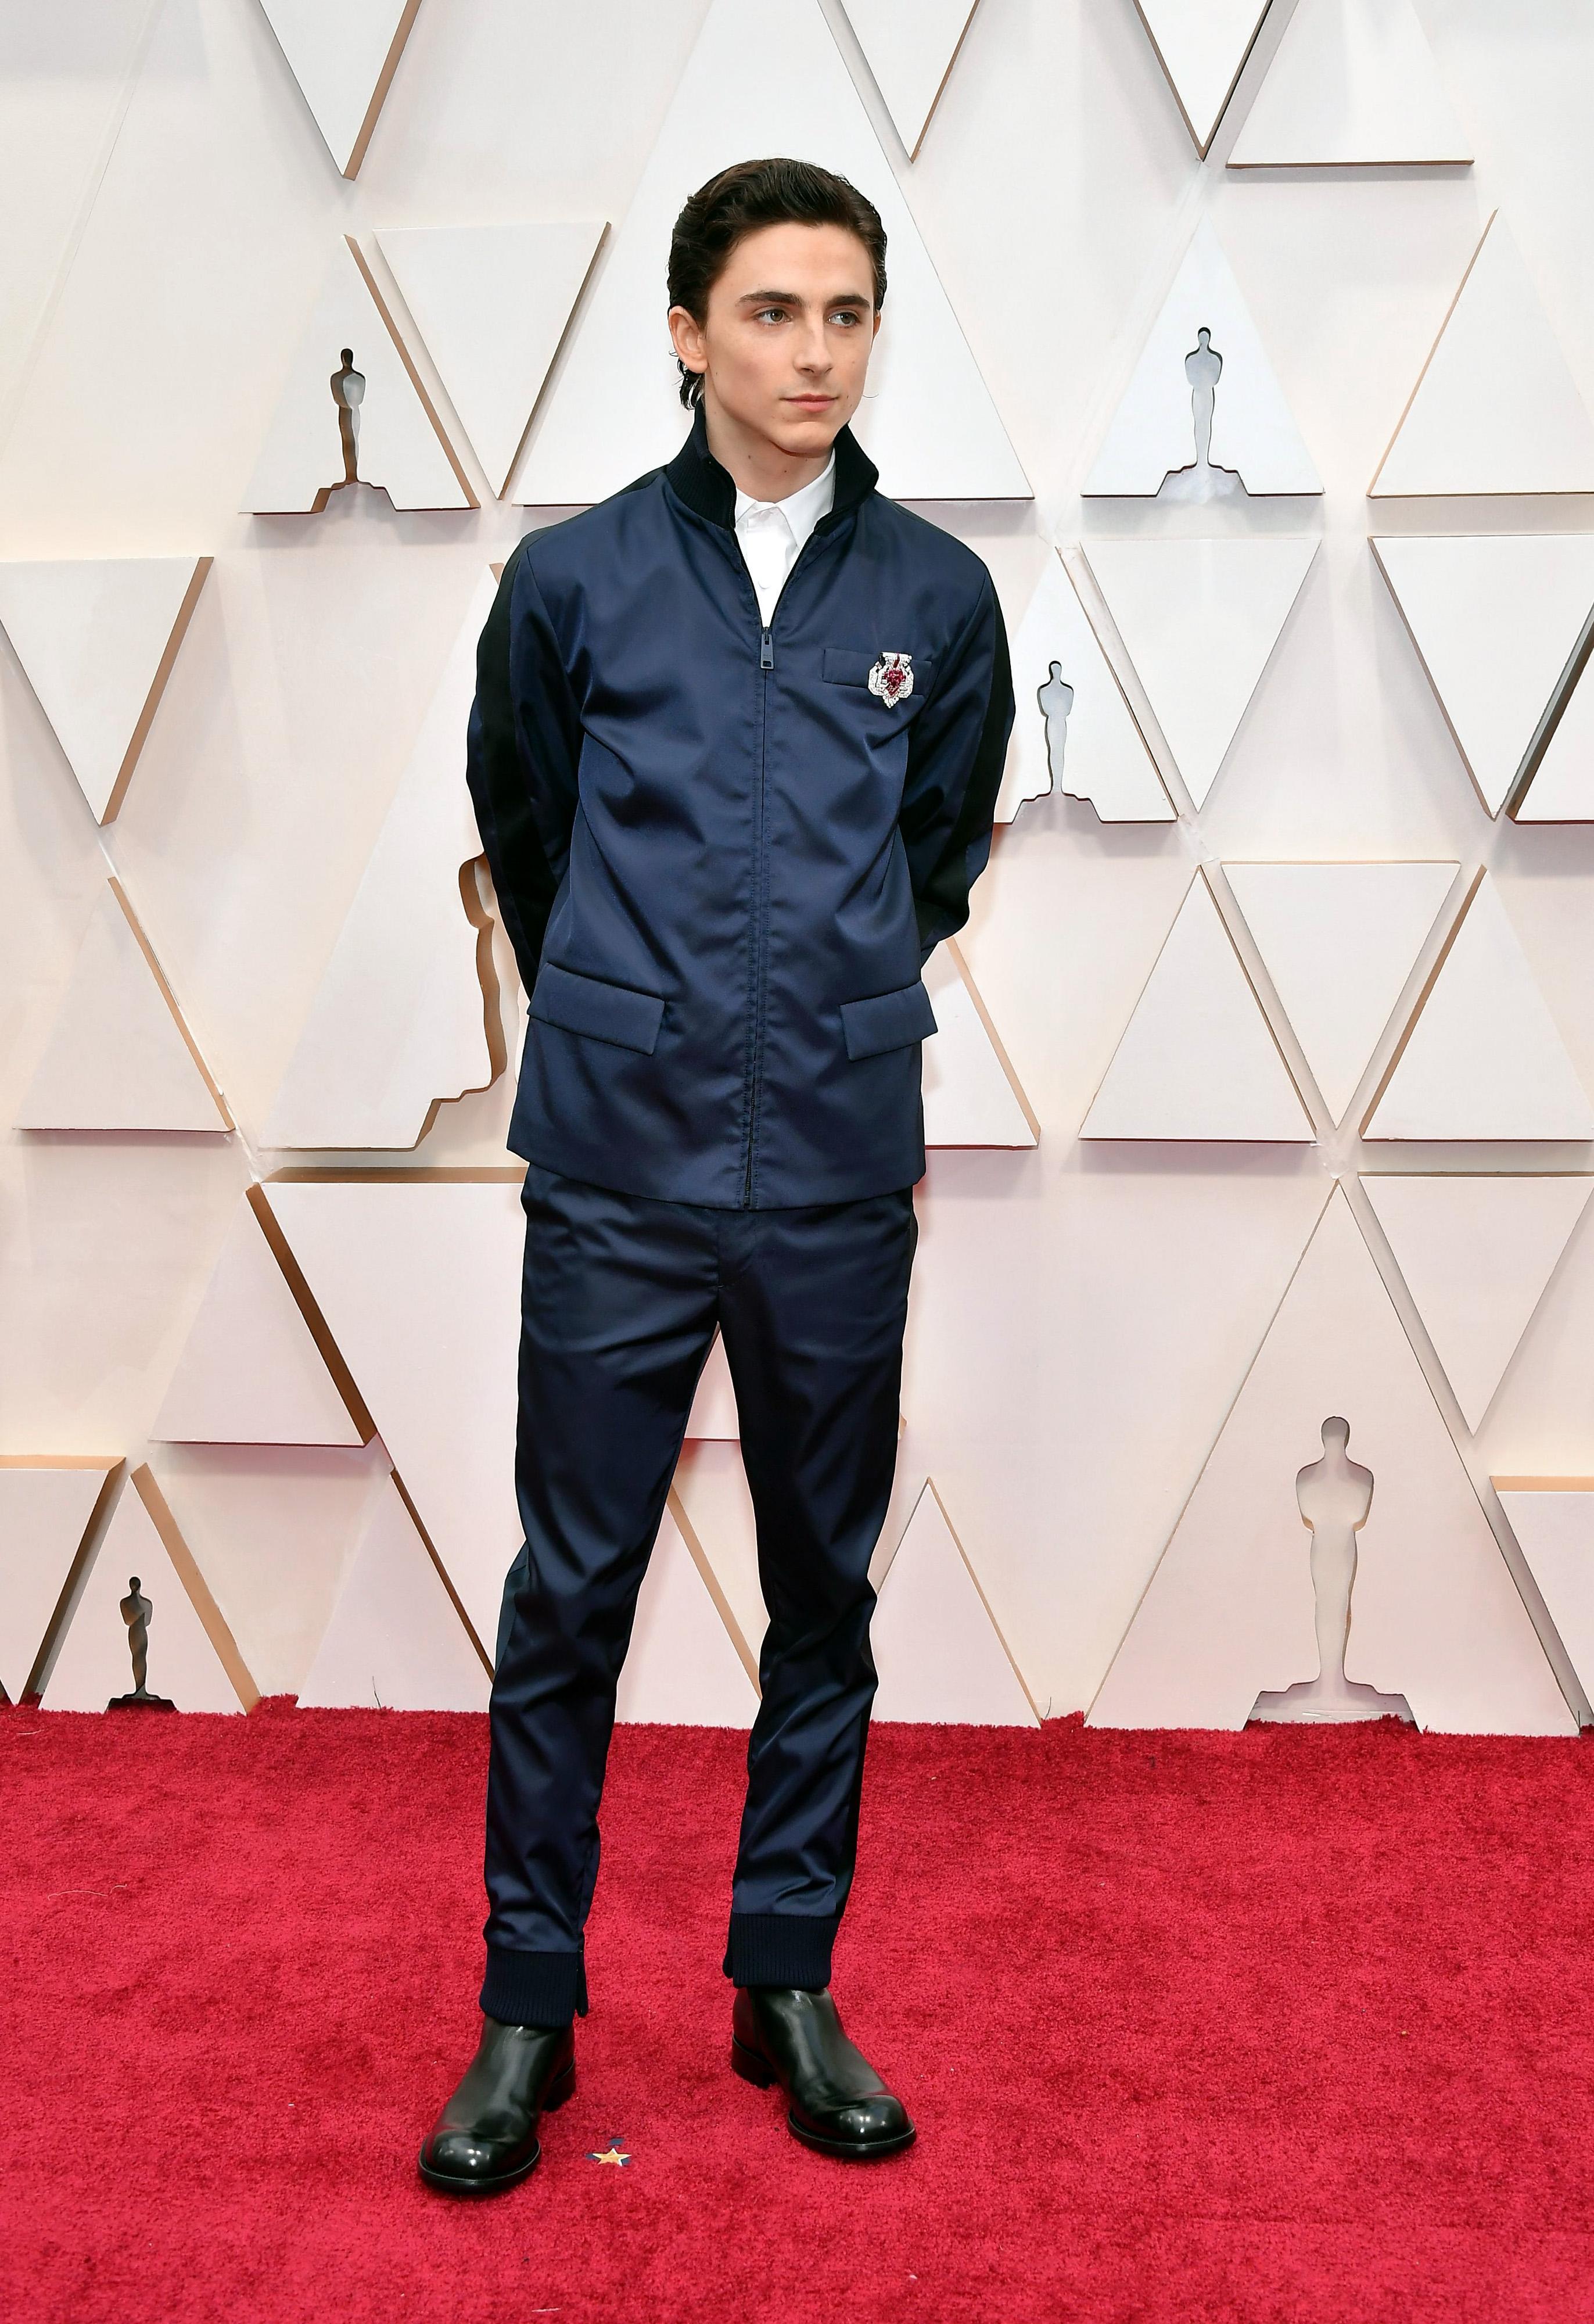 Тимъти Шаламе в Prada Младият актьор всячески се опитва да бъде интересен на червения килим, но доколко спортната Prada се явява оригинално решение, не сме сигурни.